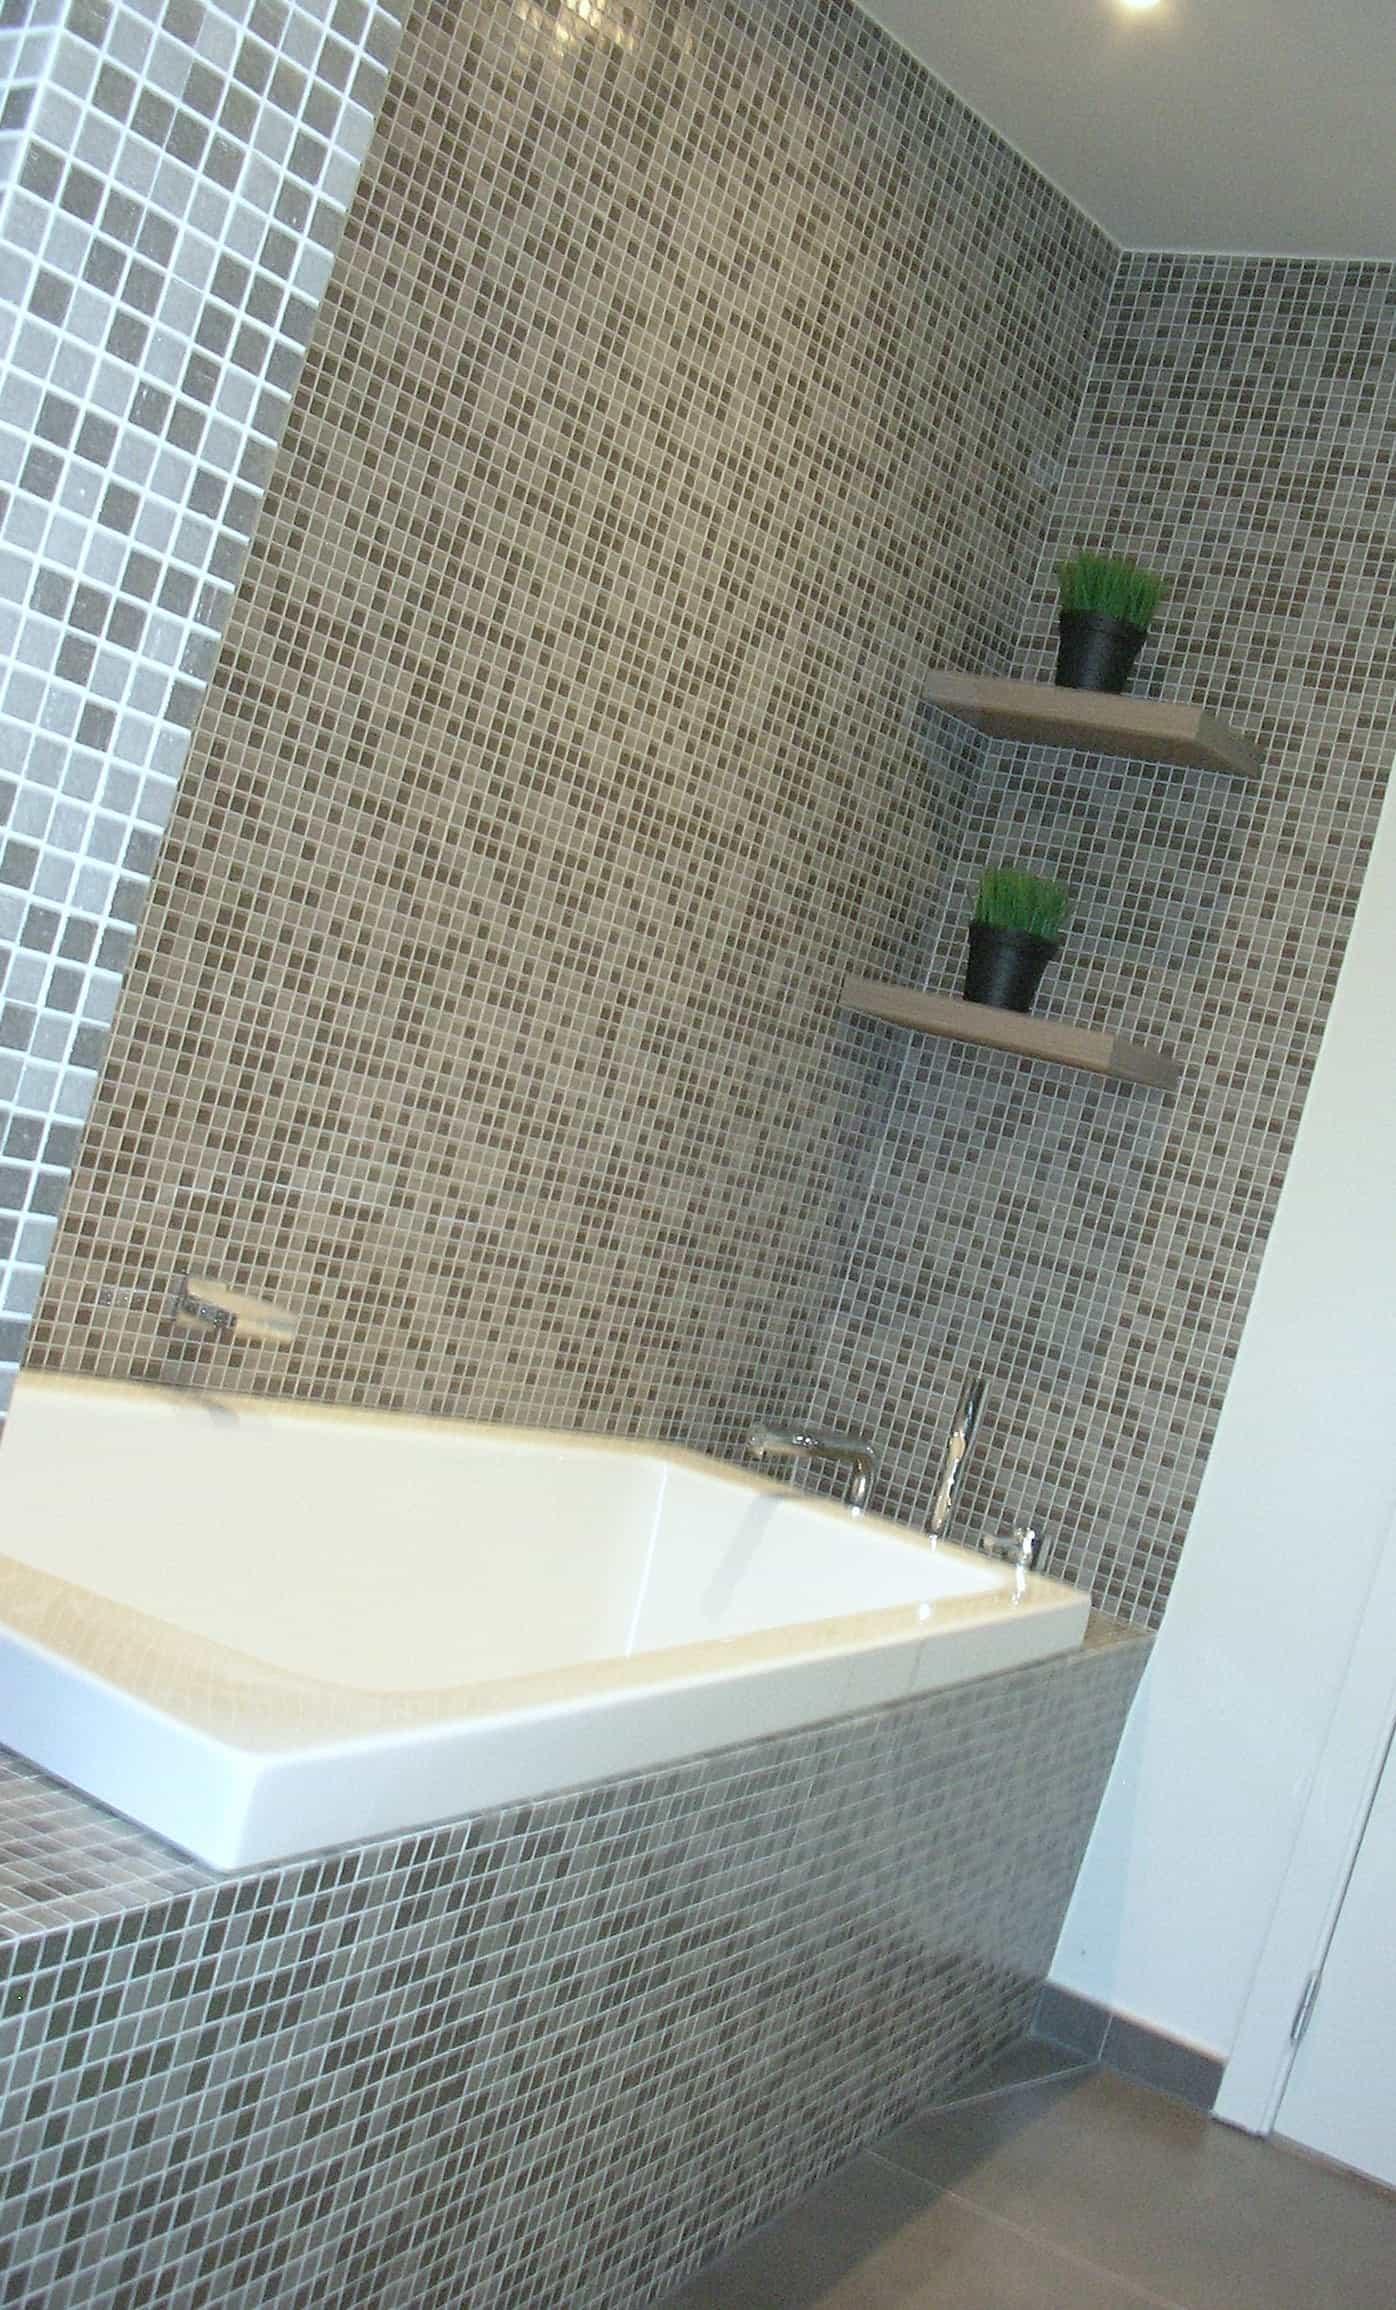 badkamer met wand in galsmozaïk